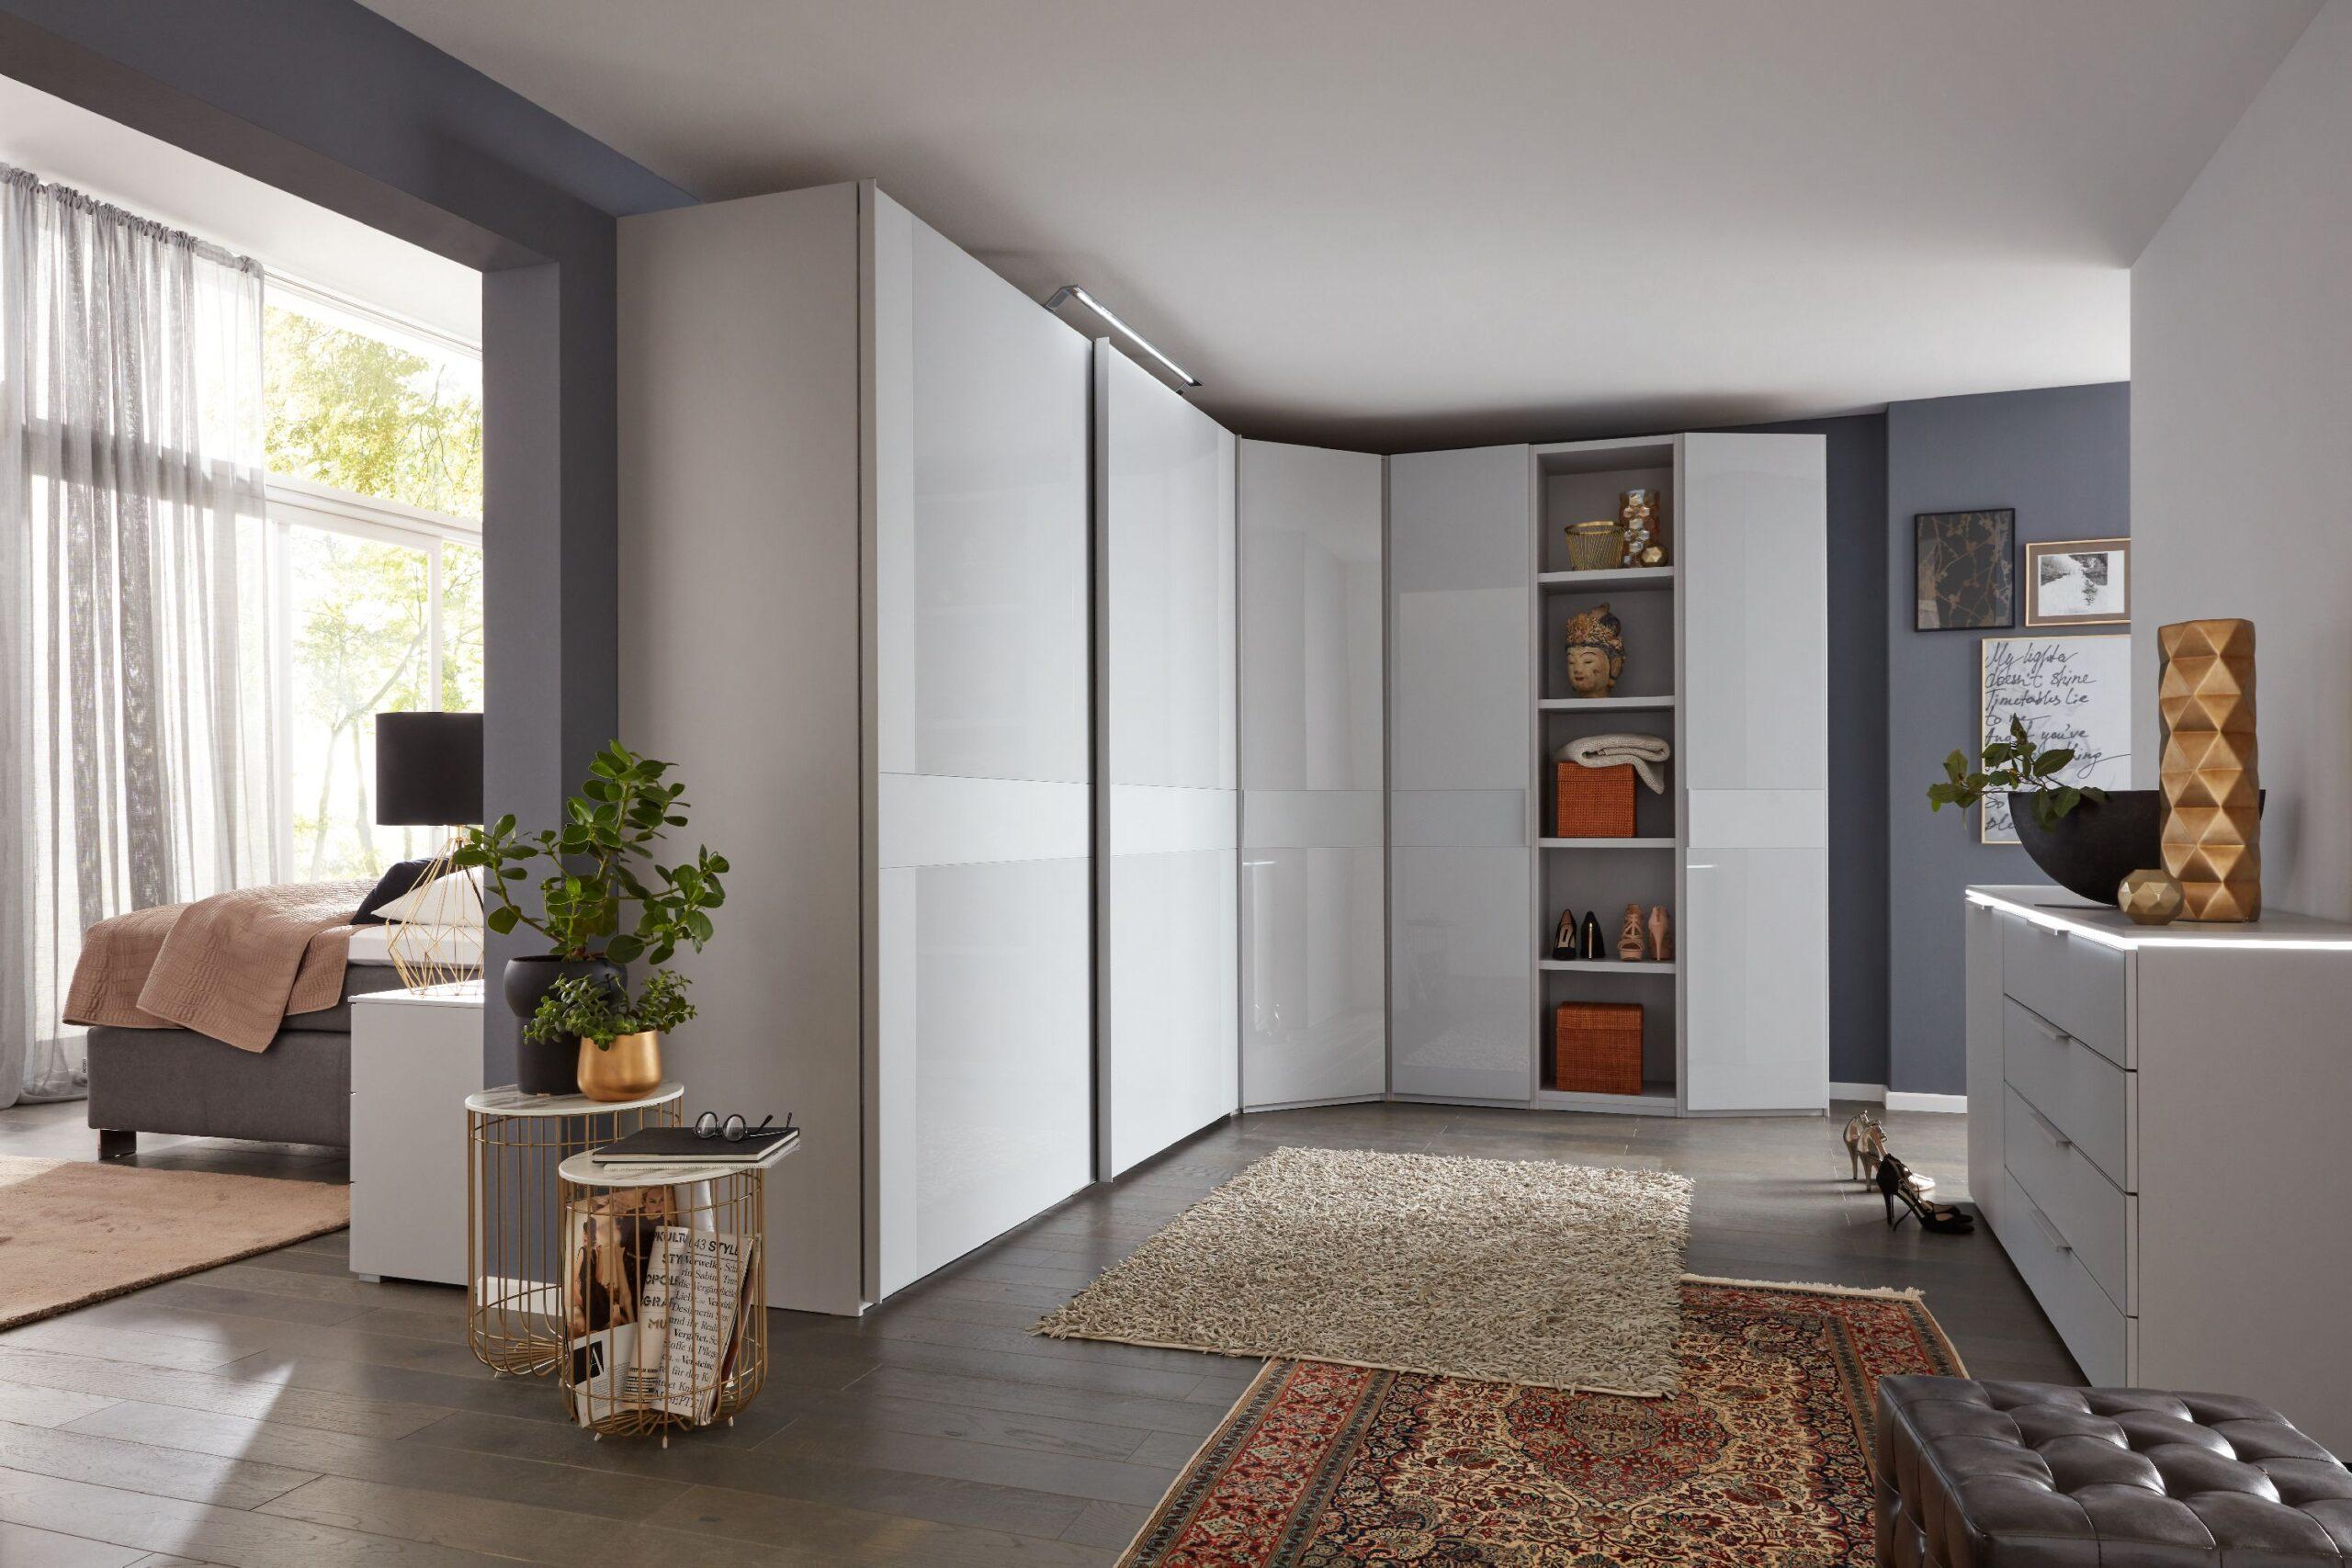 Full Size of Kleiderschrank Real Hulsta Schlafzimmer Eckschrank Caseconradcom Regal Mit Wohnzimmer Kleiderschrank Real